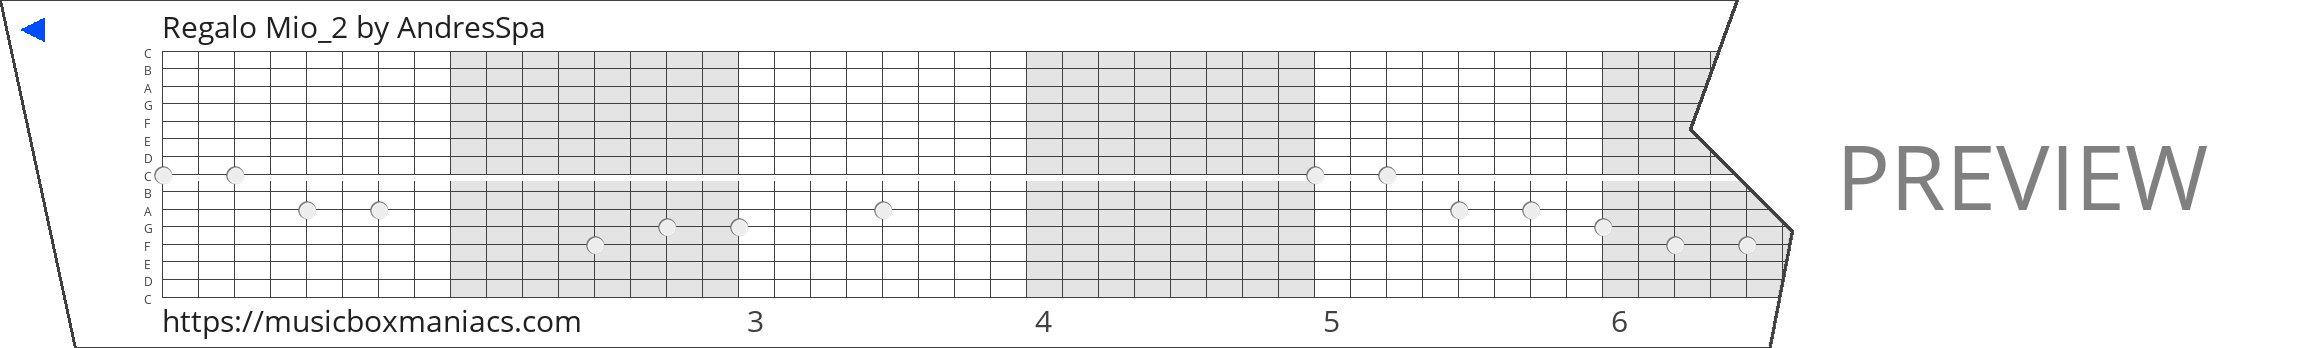 Regalo Mio_2 15 note music box paper strip